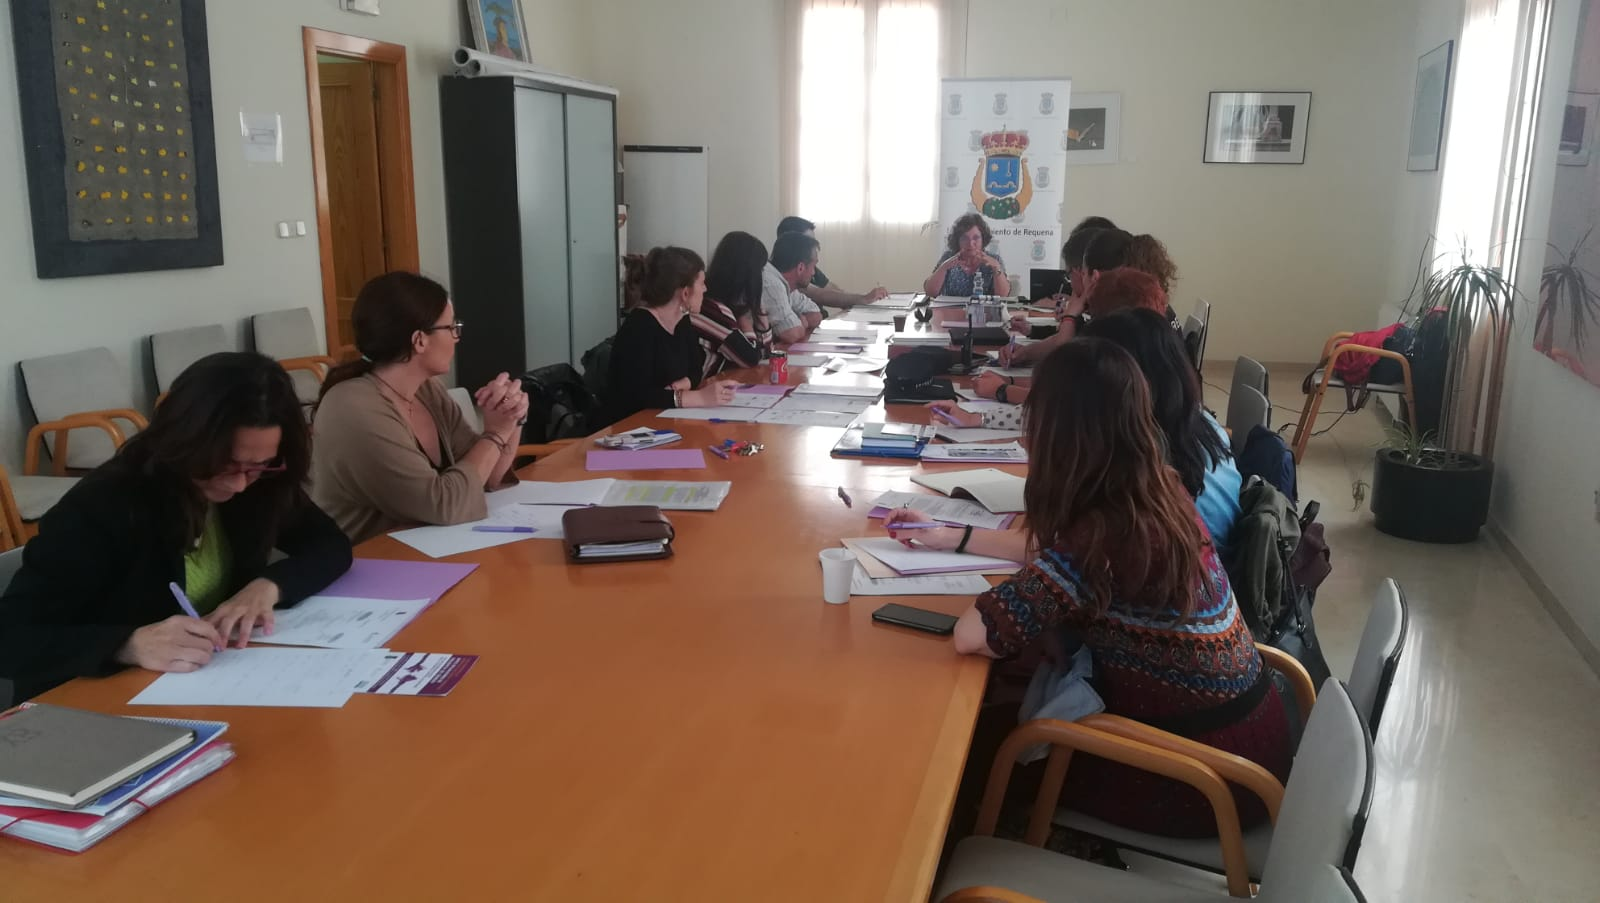 La constitución de la Mesa de Coordinación Multidisciplinar en materia de Violencia de Género se enmarca dentro del acuerdo de la Junta Local de Seguridad del Ayuntamiento de Requena.